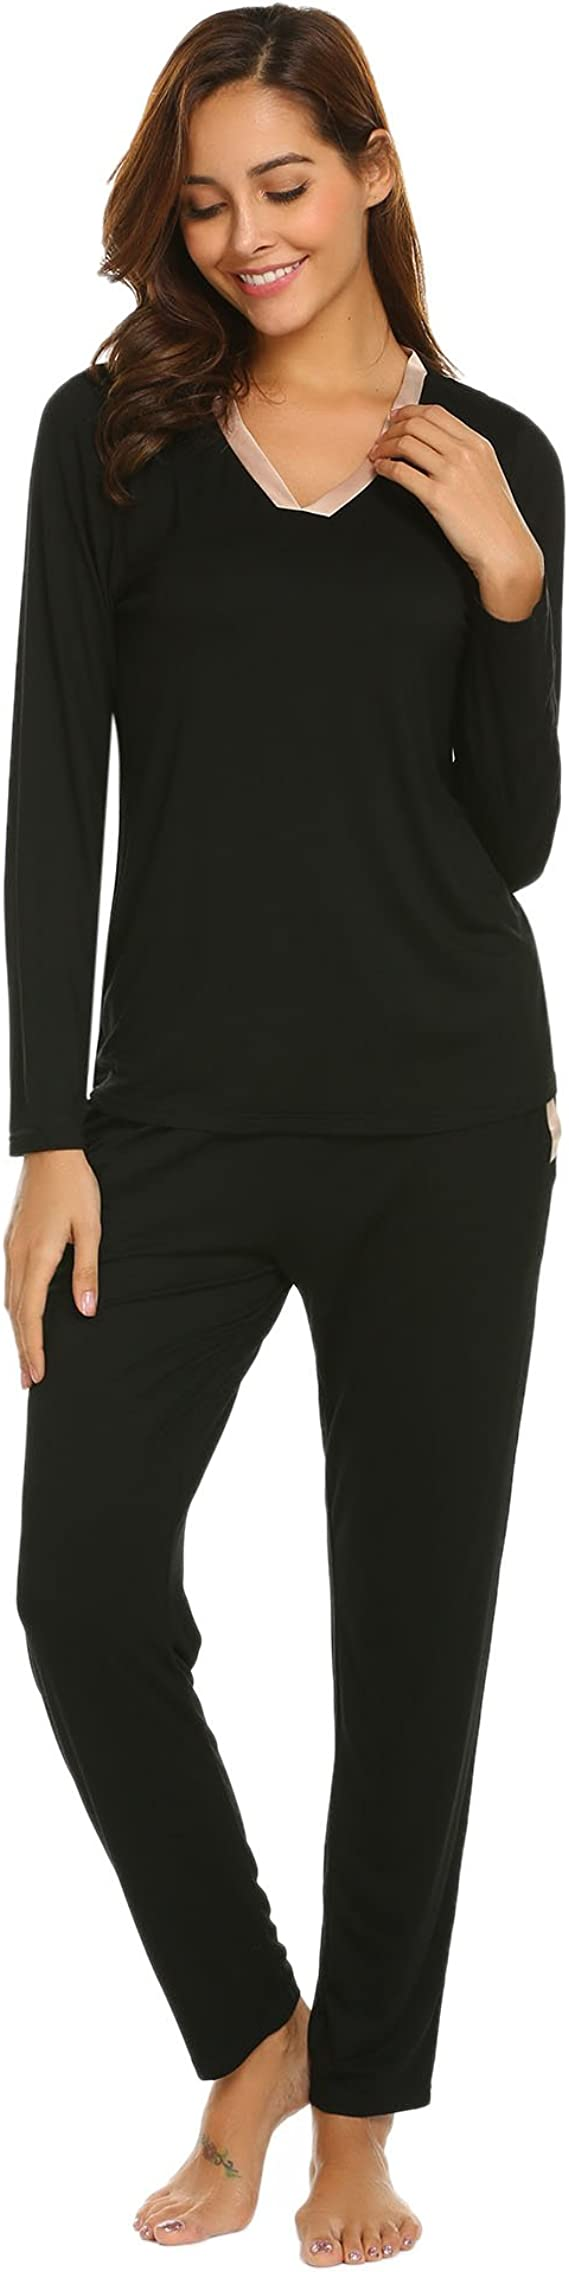 ADOME Damen Lang Elegant Pyjama Weich Set V-Ausschnitt Basic Zweiteiliger Schlafanzug Lang